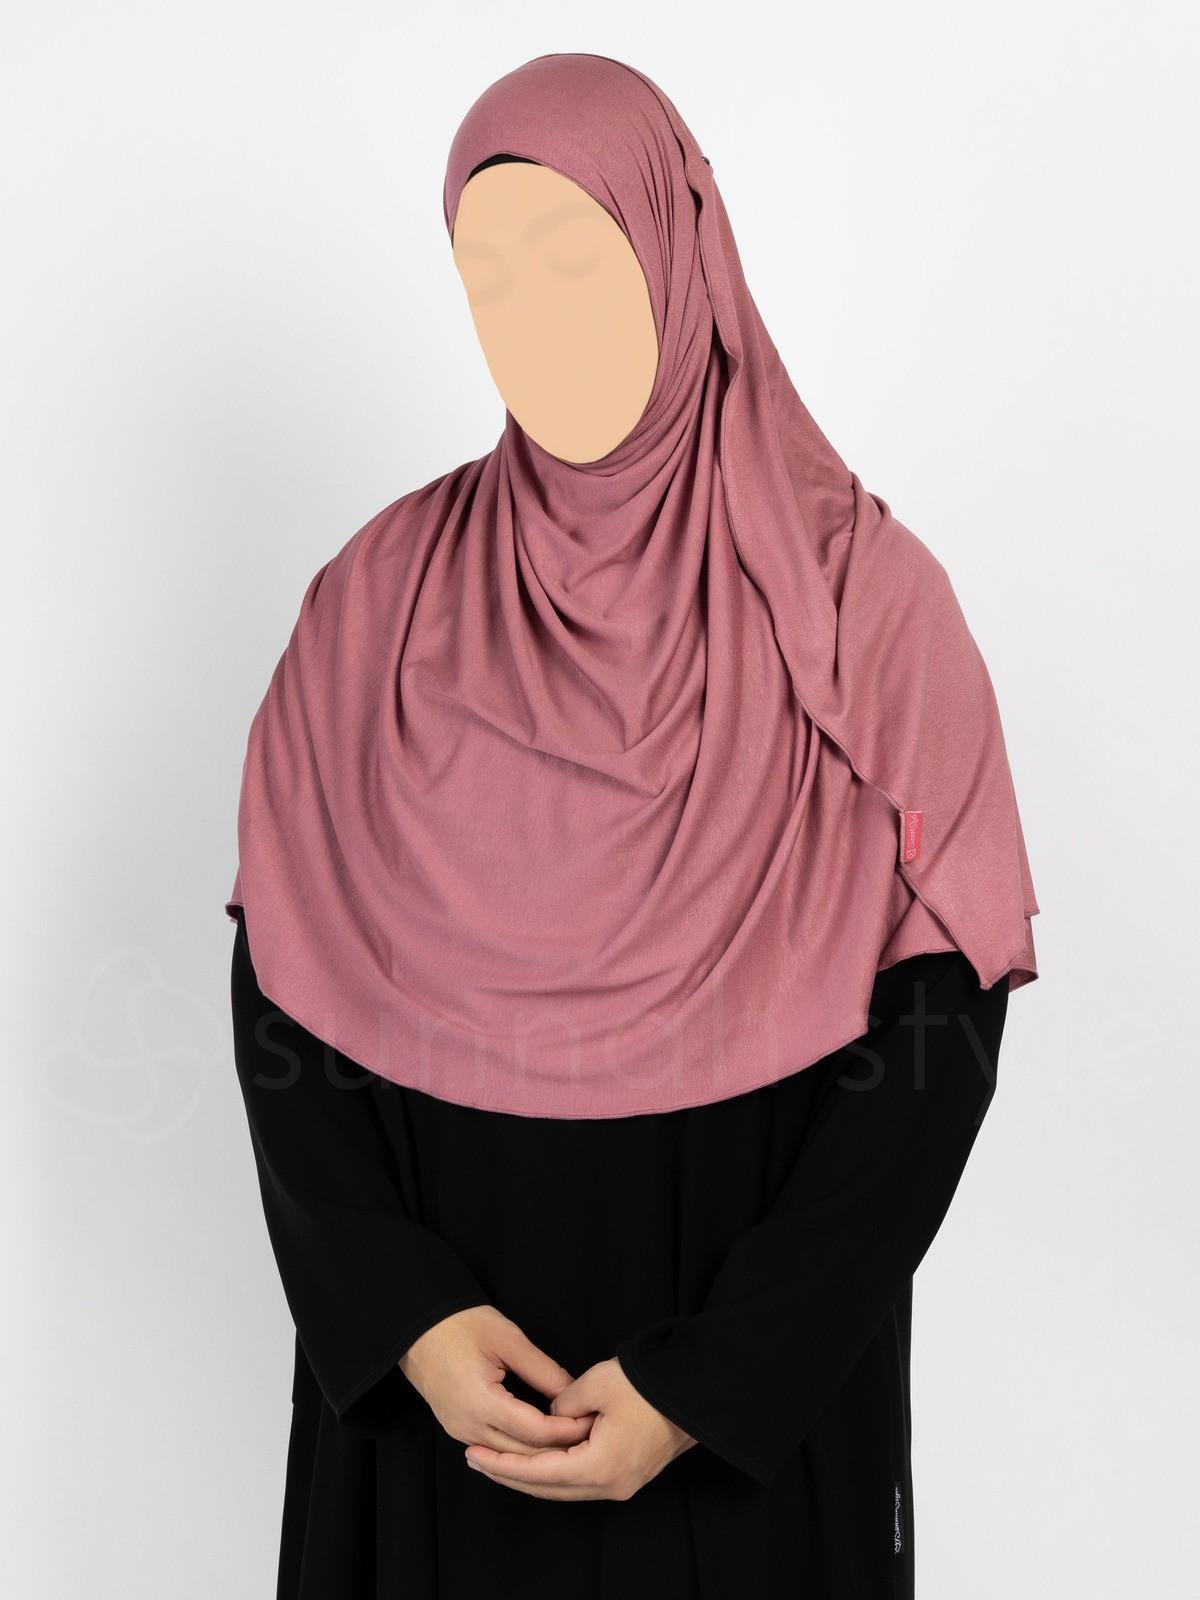 Sunnah Style Urban Shayla (Soft Jersey) - Large (Watermelon)